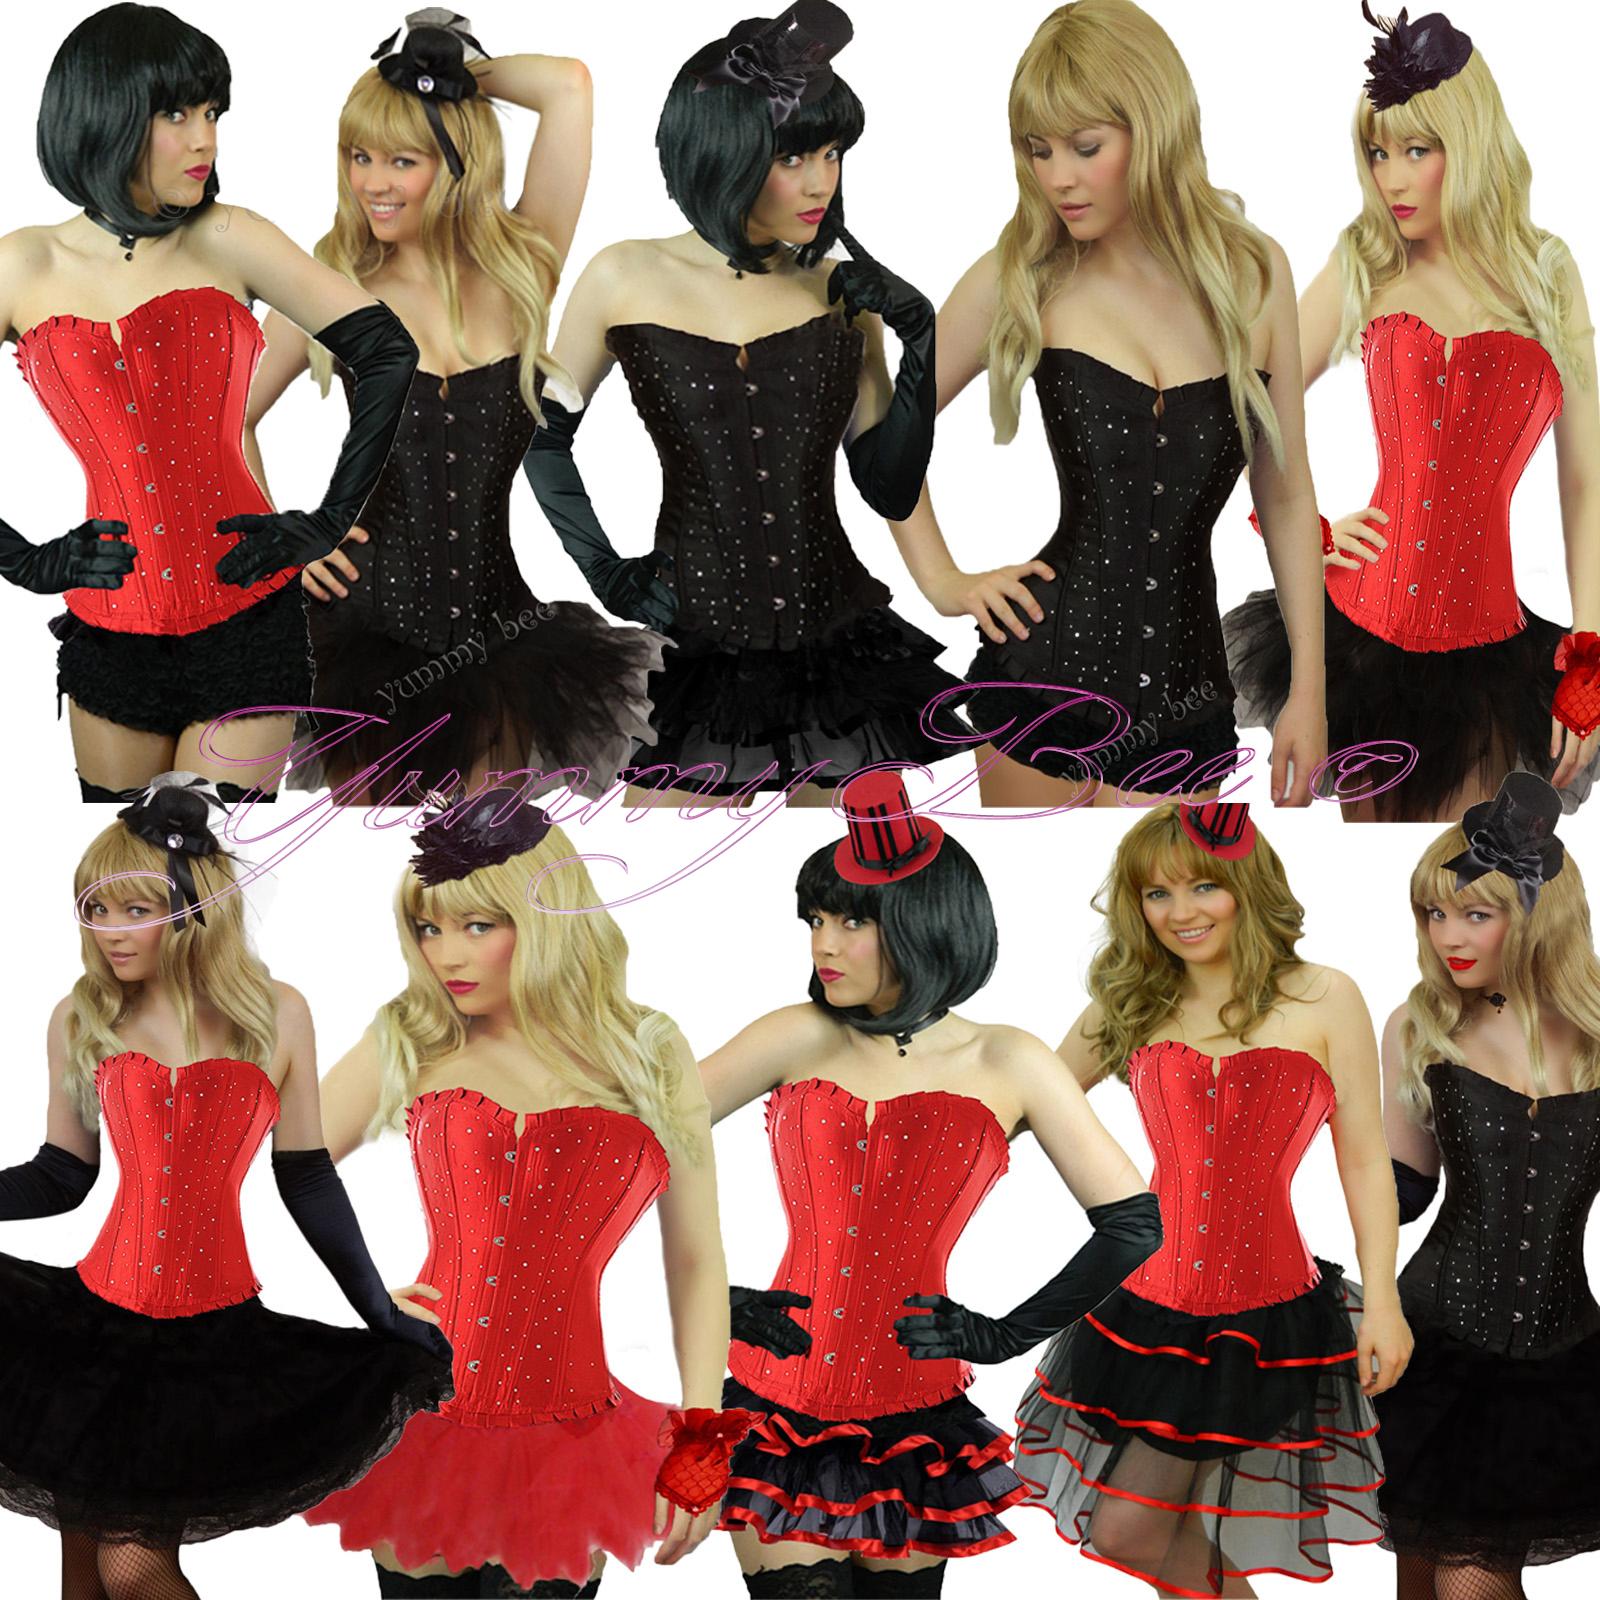 Plus size burlesque fancy dress costumes uk